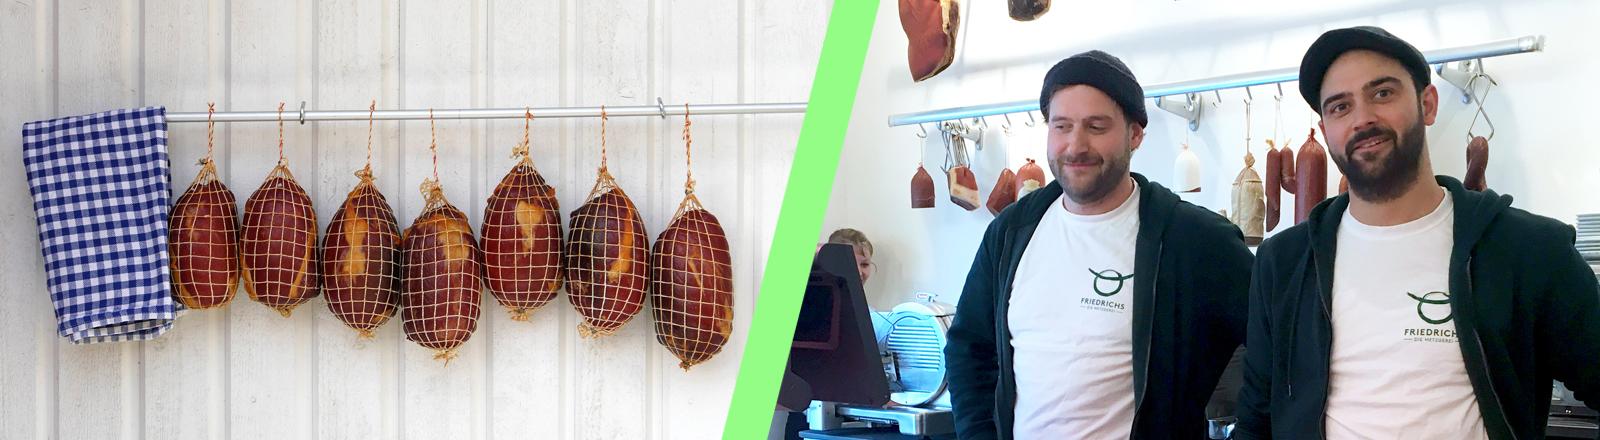 Fleisch am Haken und die Metzgerei-Betreiber David und Sebastian Friedrichs